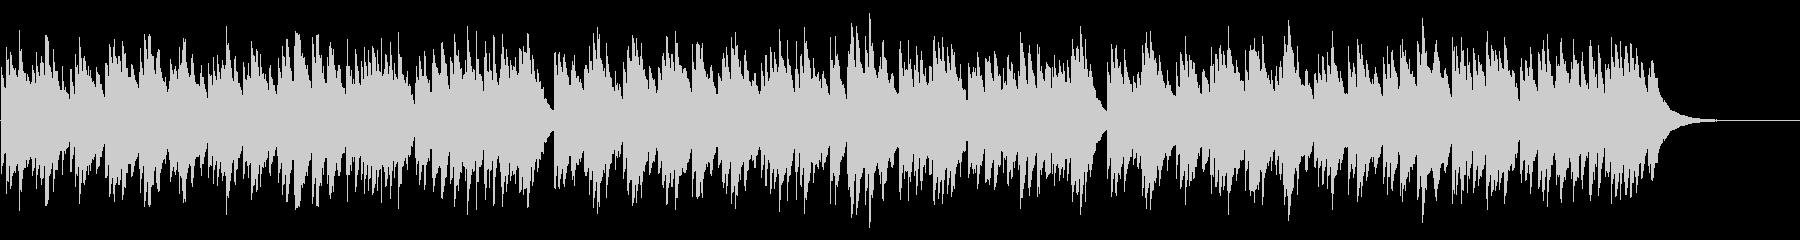 ジングルベル 72弁オルゴールの未再生の波形